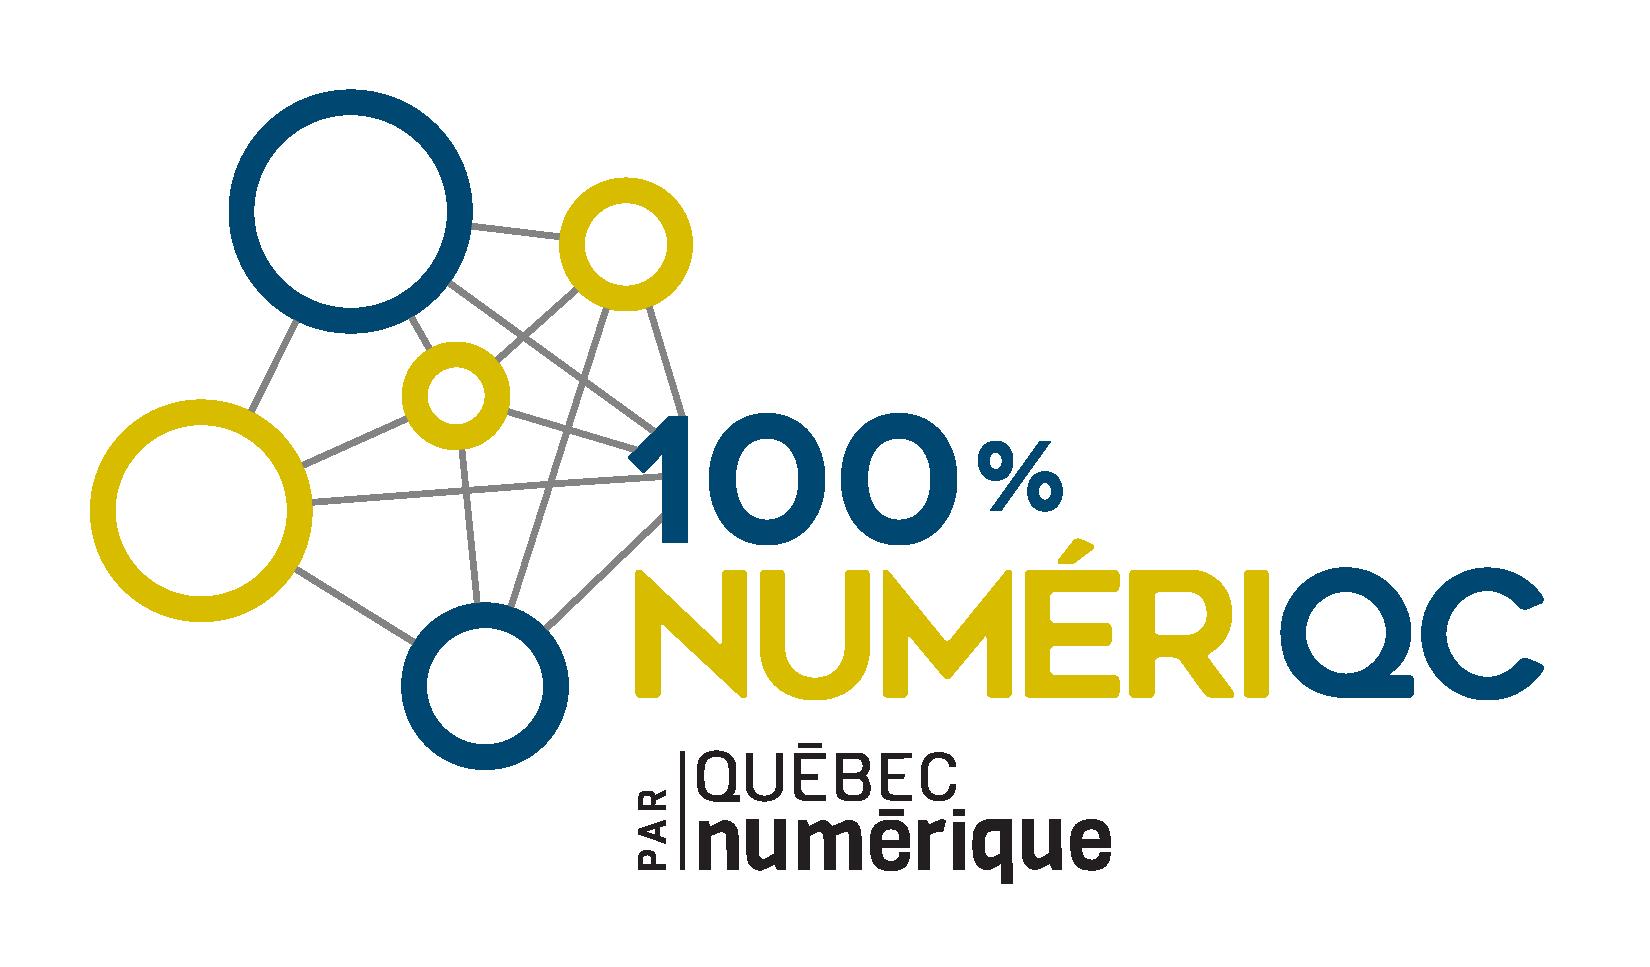 100 numeriqc